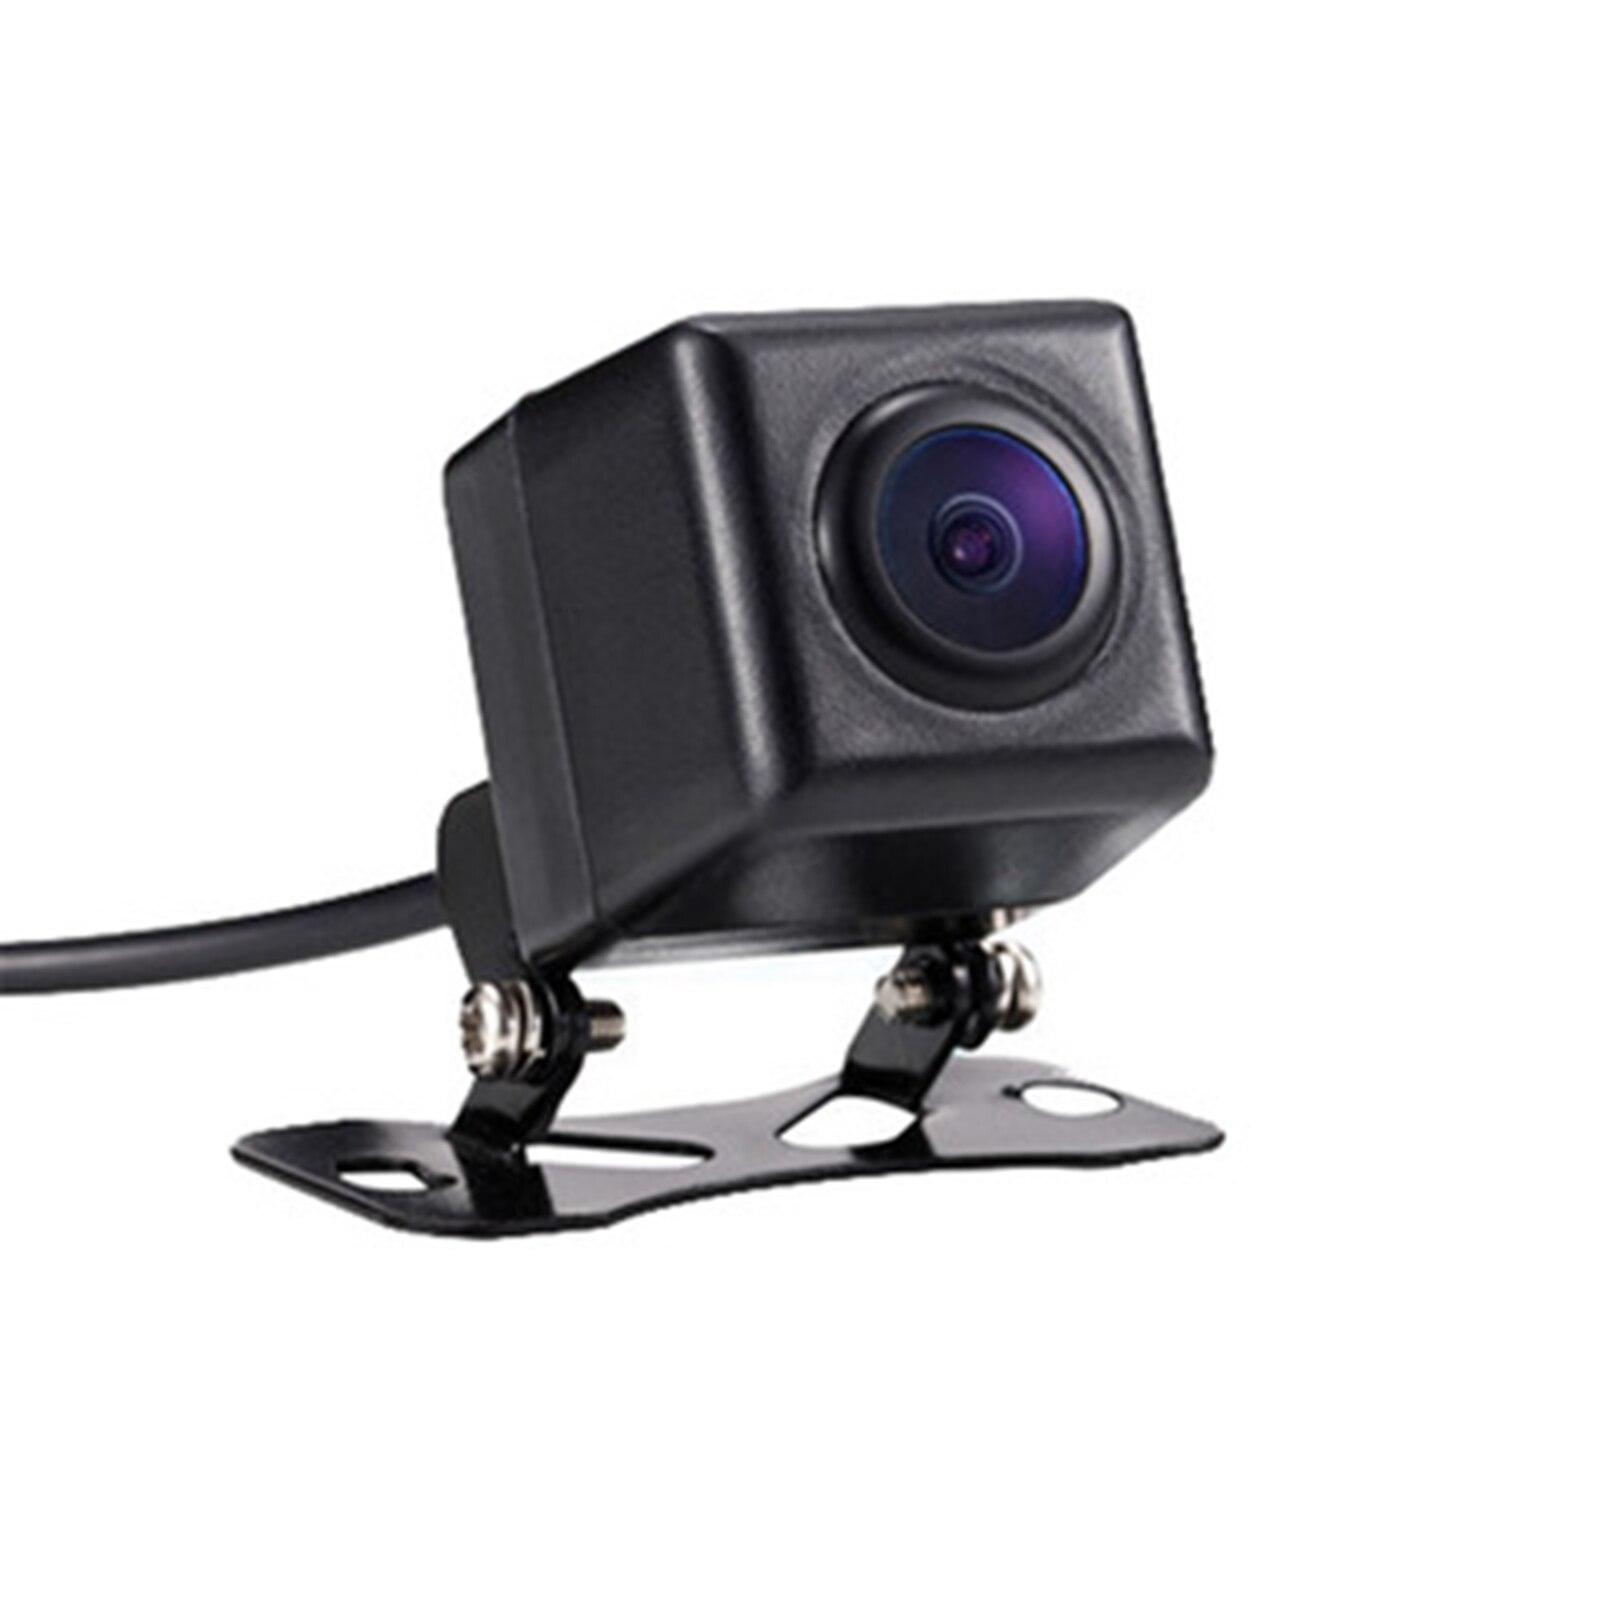 Автомобильная камера заднего вида с 4 светодиодами, Универсальная Внешняя Автомобильная камера заднего вида с широким углом обзора 170 граду...